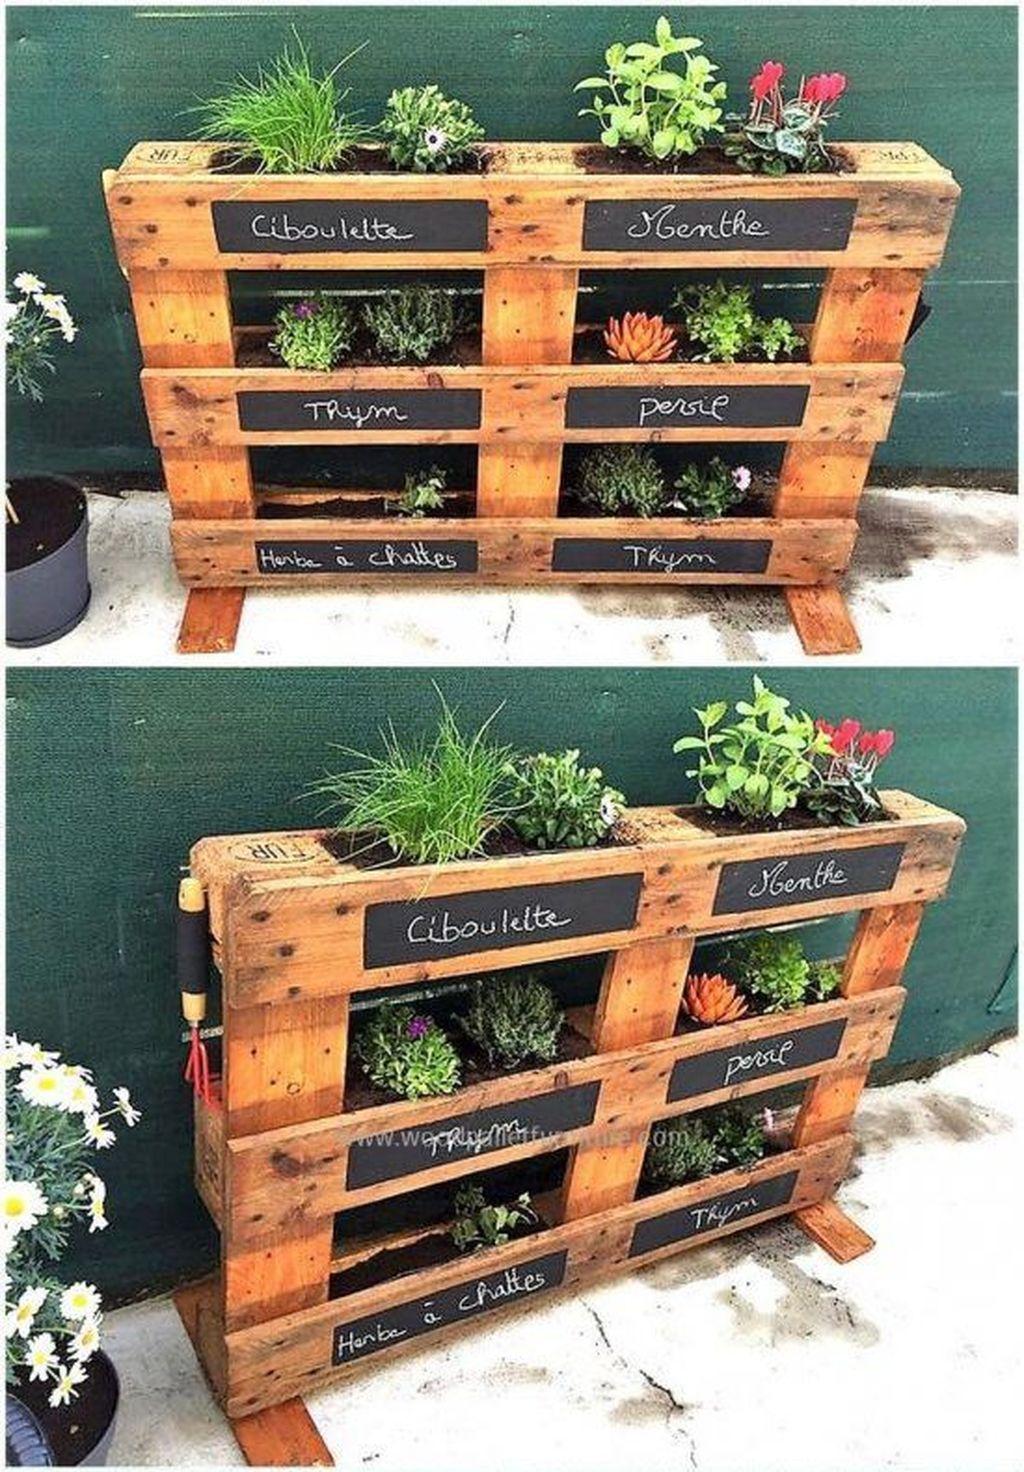 37 Pretty Diy Pallet Project Ideas   Herb garden pallet ...